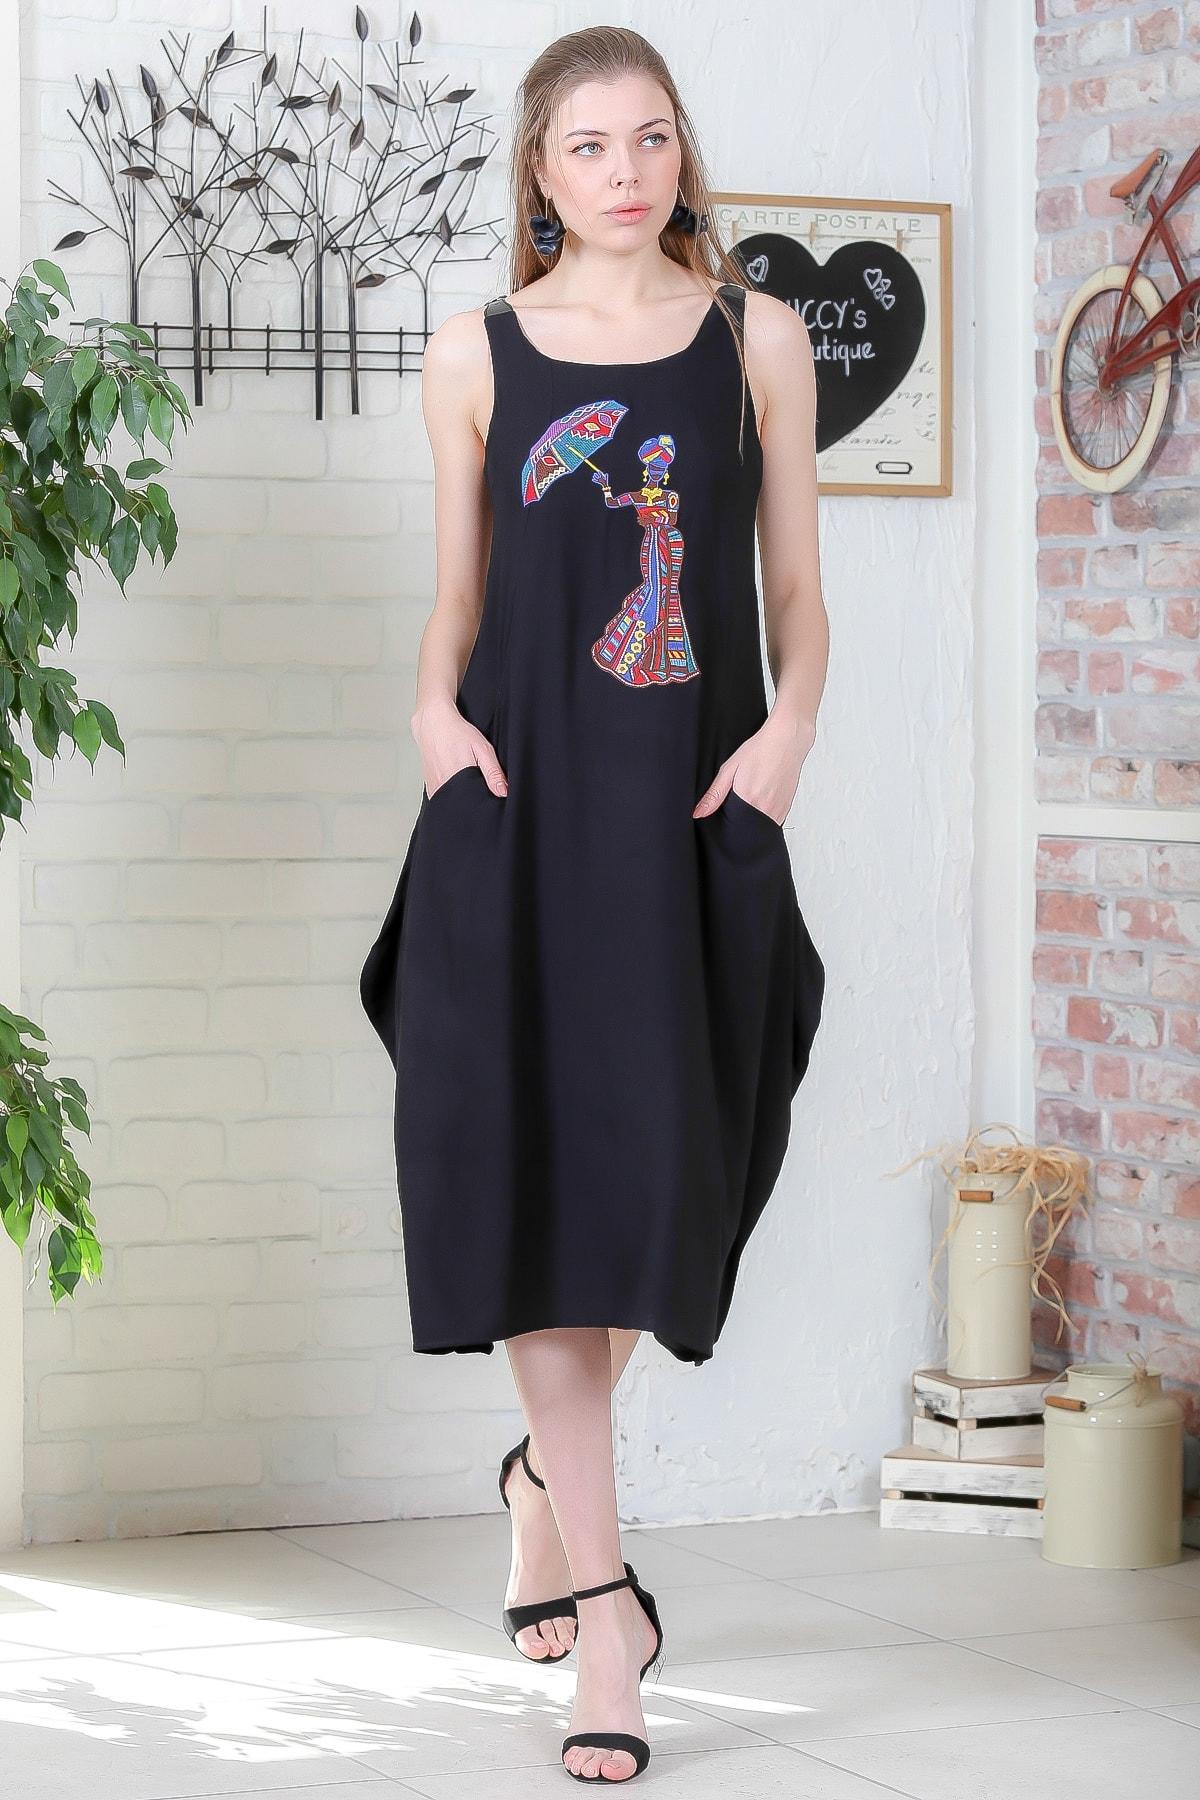 Chiccy Kadın Siyah Şemsiye Nakışlı Askıları Kemer Tokalı Cepli Dokuma Elbise M10160000EL95410